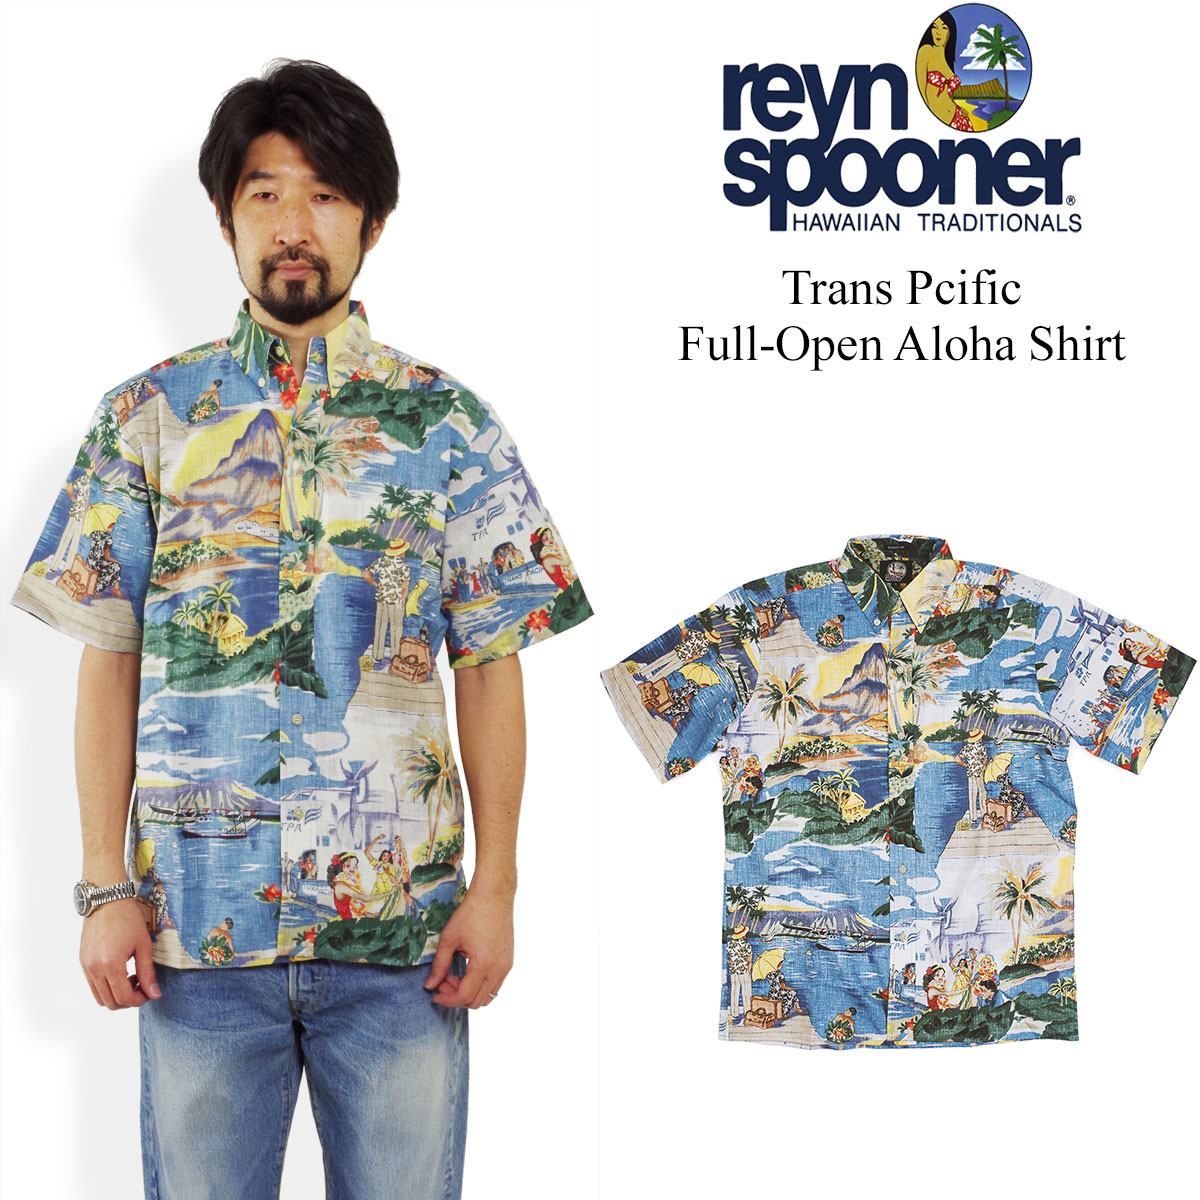 レインスプーナー REYN SPOONER 半袖 アロハシャツ フルオープン トランスパシフィック 40's アジア製 シーニック (TRANS PACIFIC)